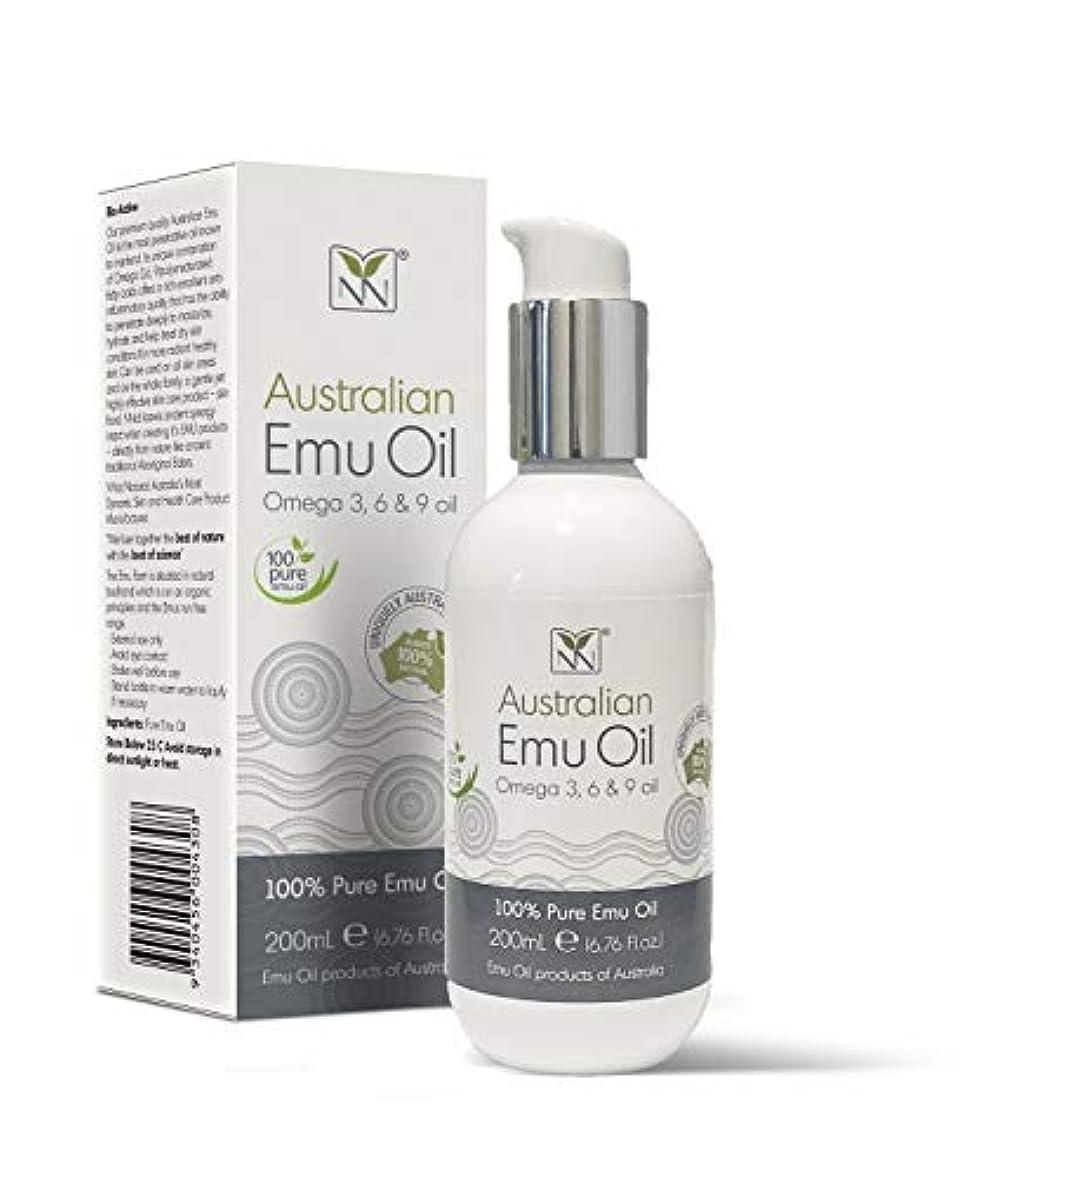 千強打粘着性Y Not Natural エミューオイル EMU OIL 無添加100% 保湿性 浸透性 抜群 プレミアム品質 エミュー油 (200 ml)